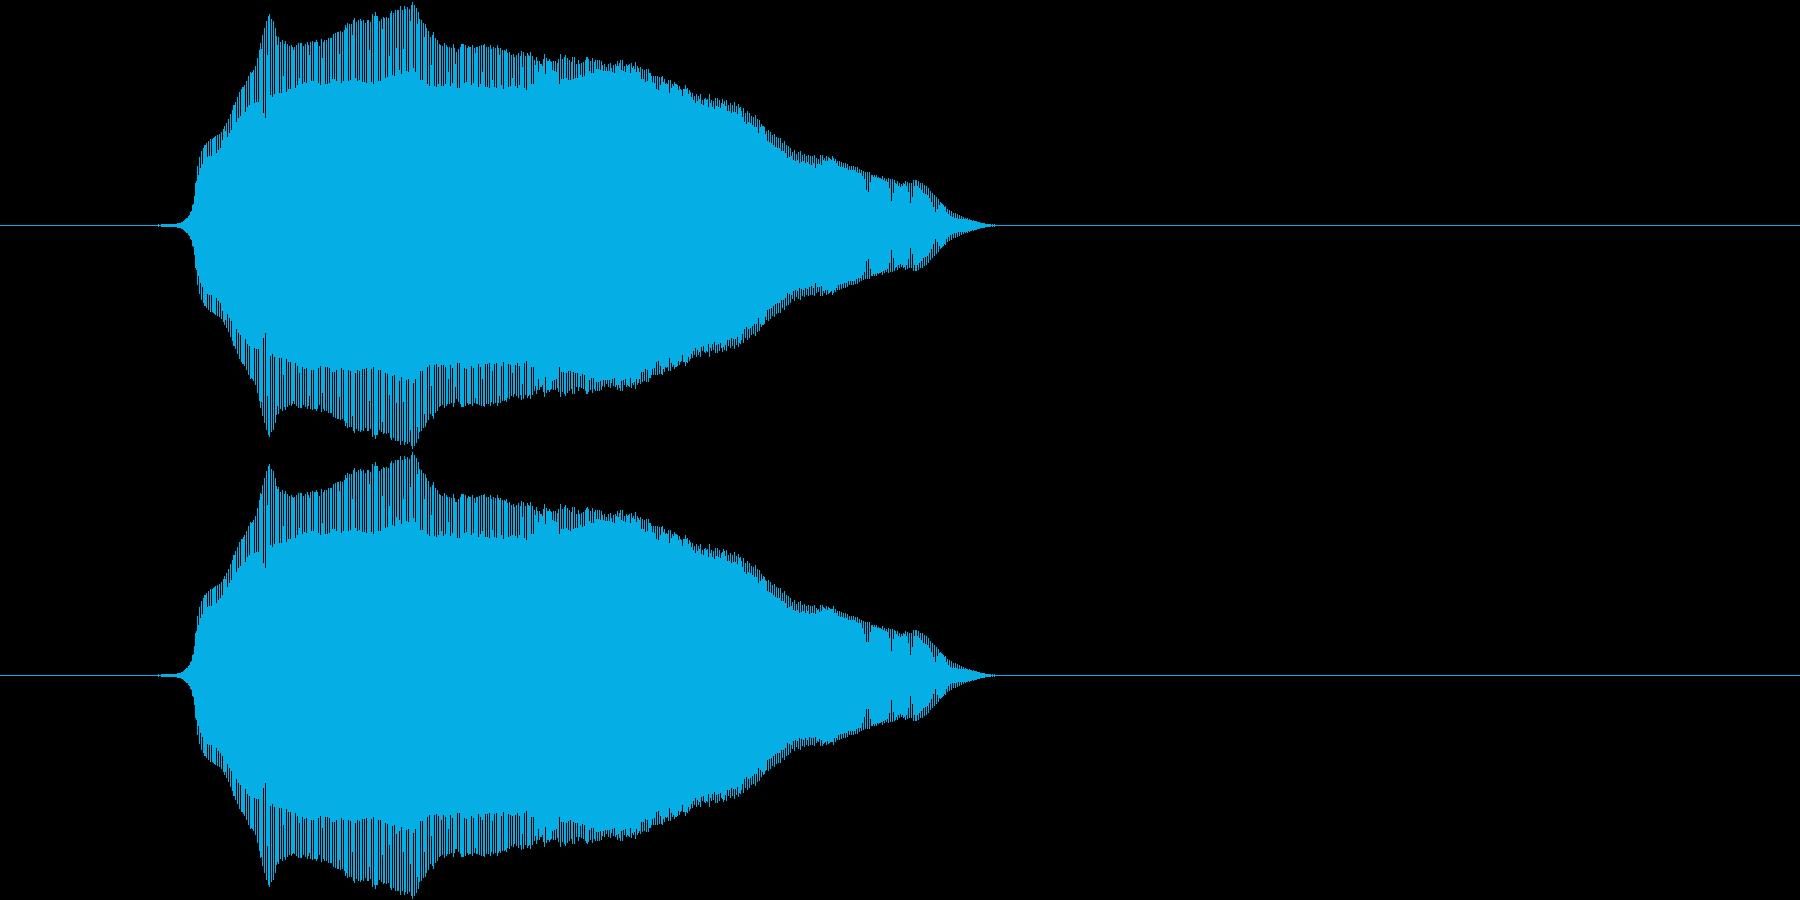 (猫の鳴き声)の再生済みの波形